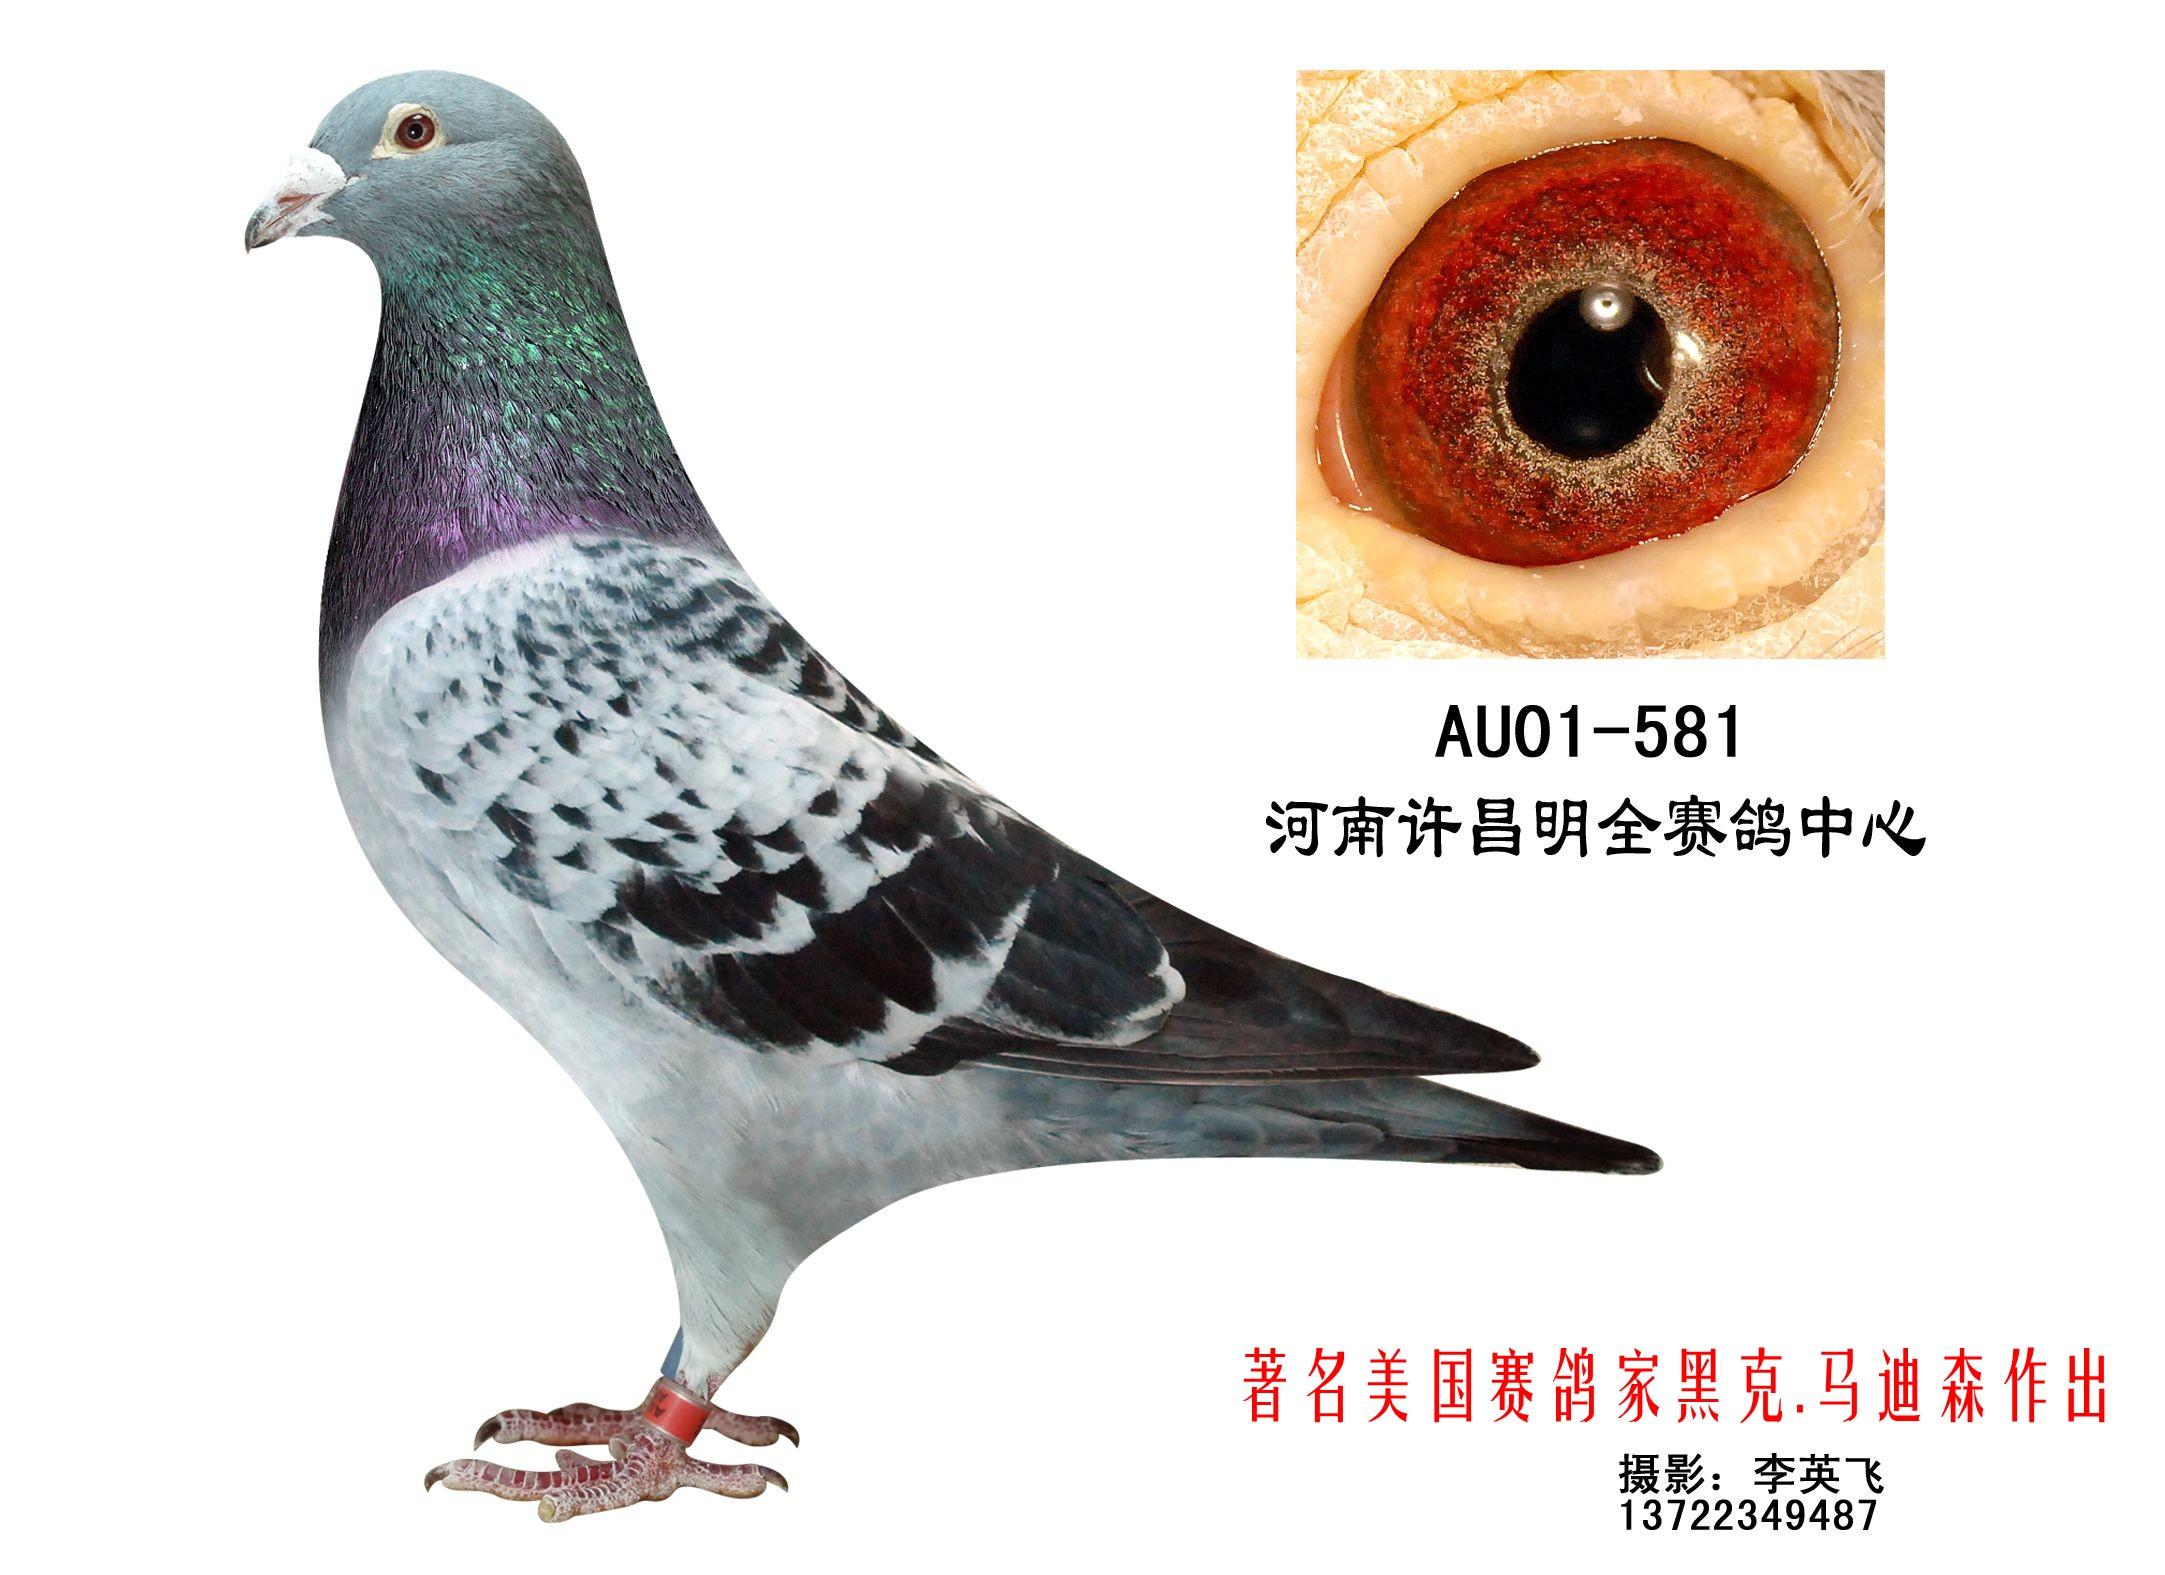 信鸽特征-凡龙 贺夫肯 中英信鸽养殖基地